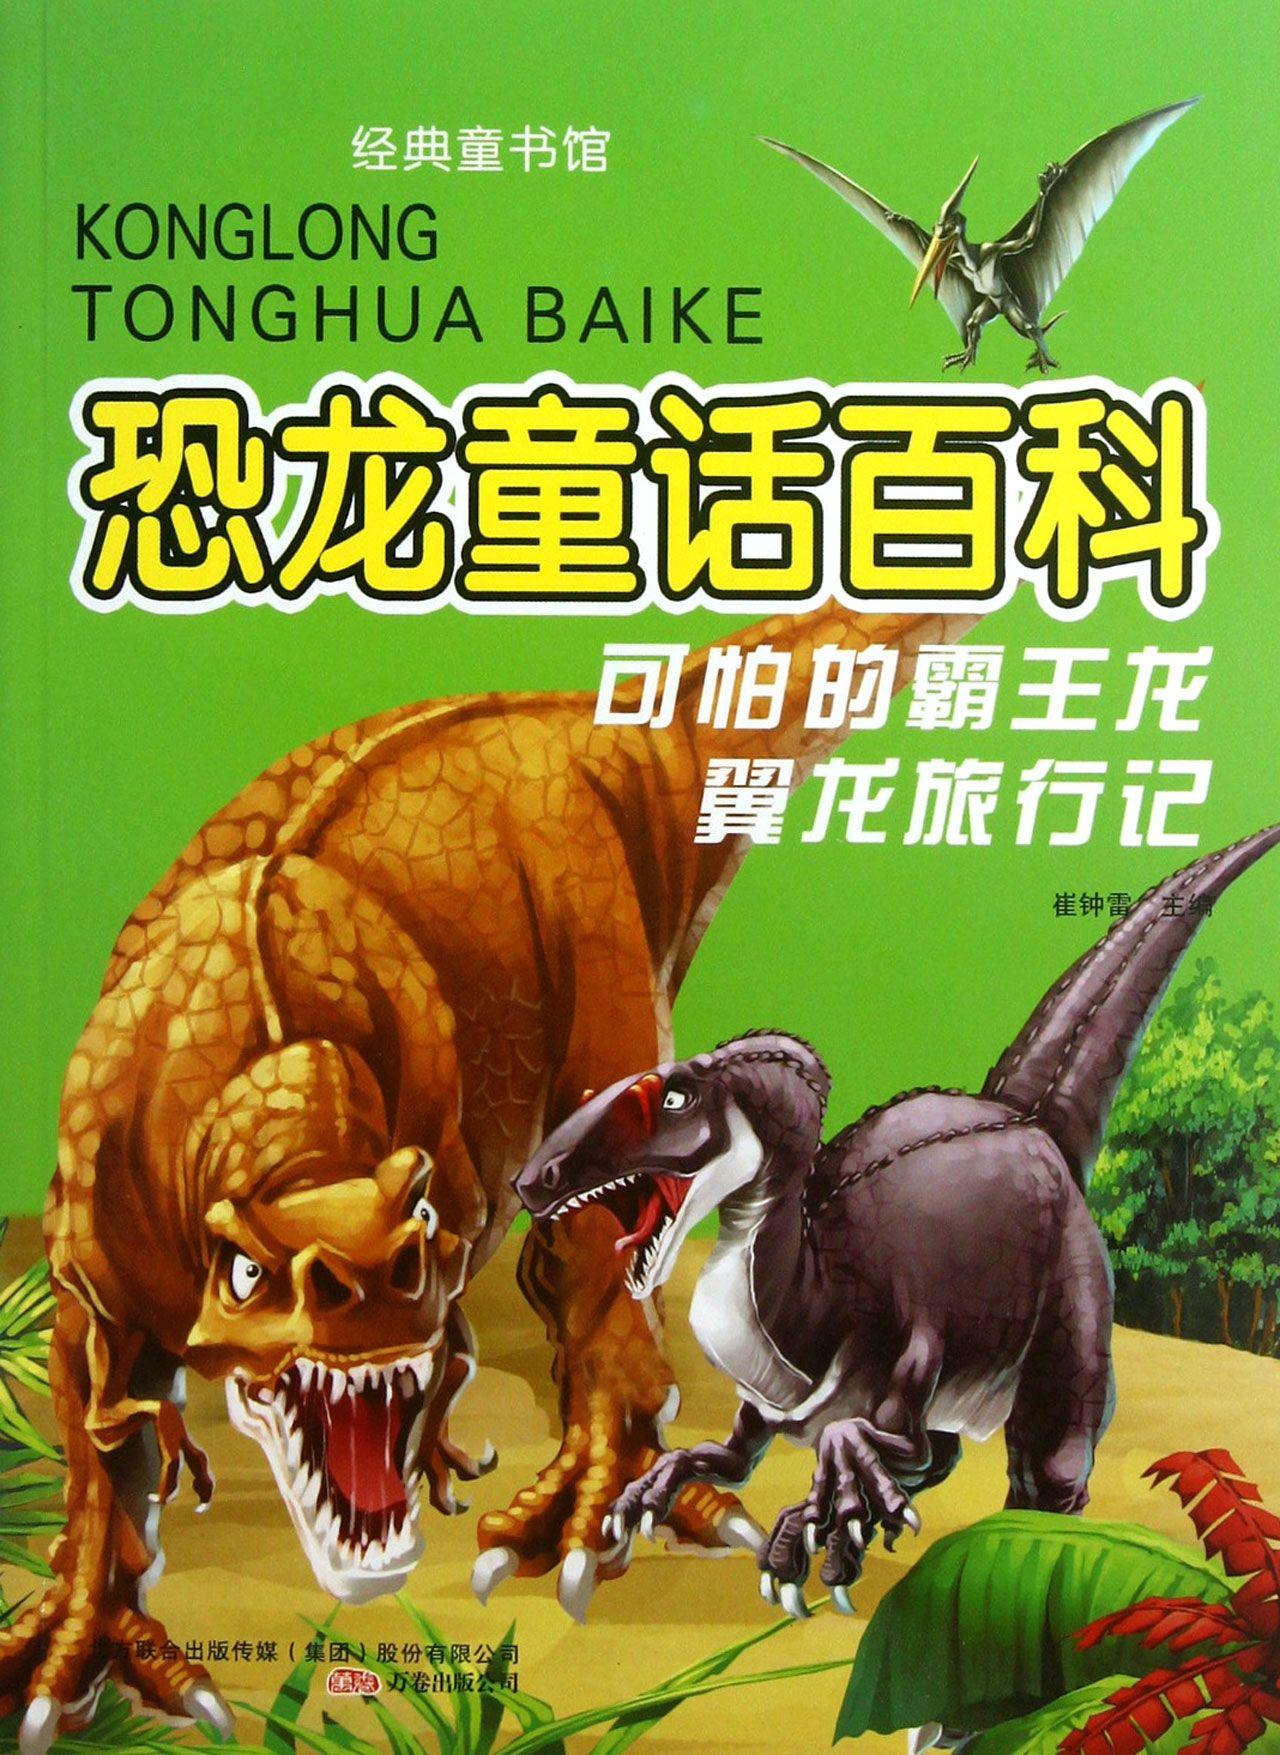 恐龙童话百科(可怕的霸王龙翼龙旅行记)